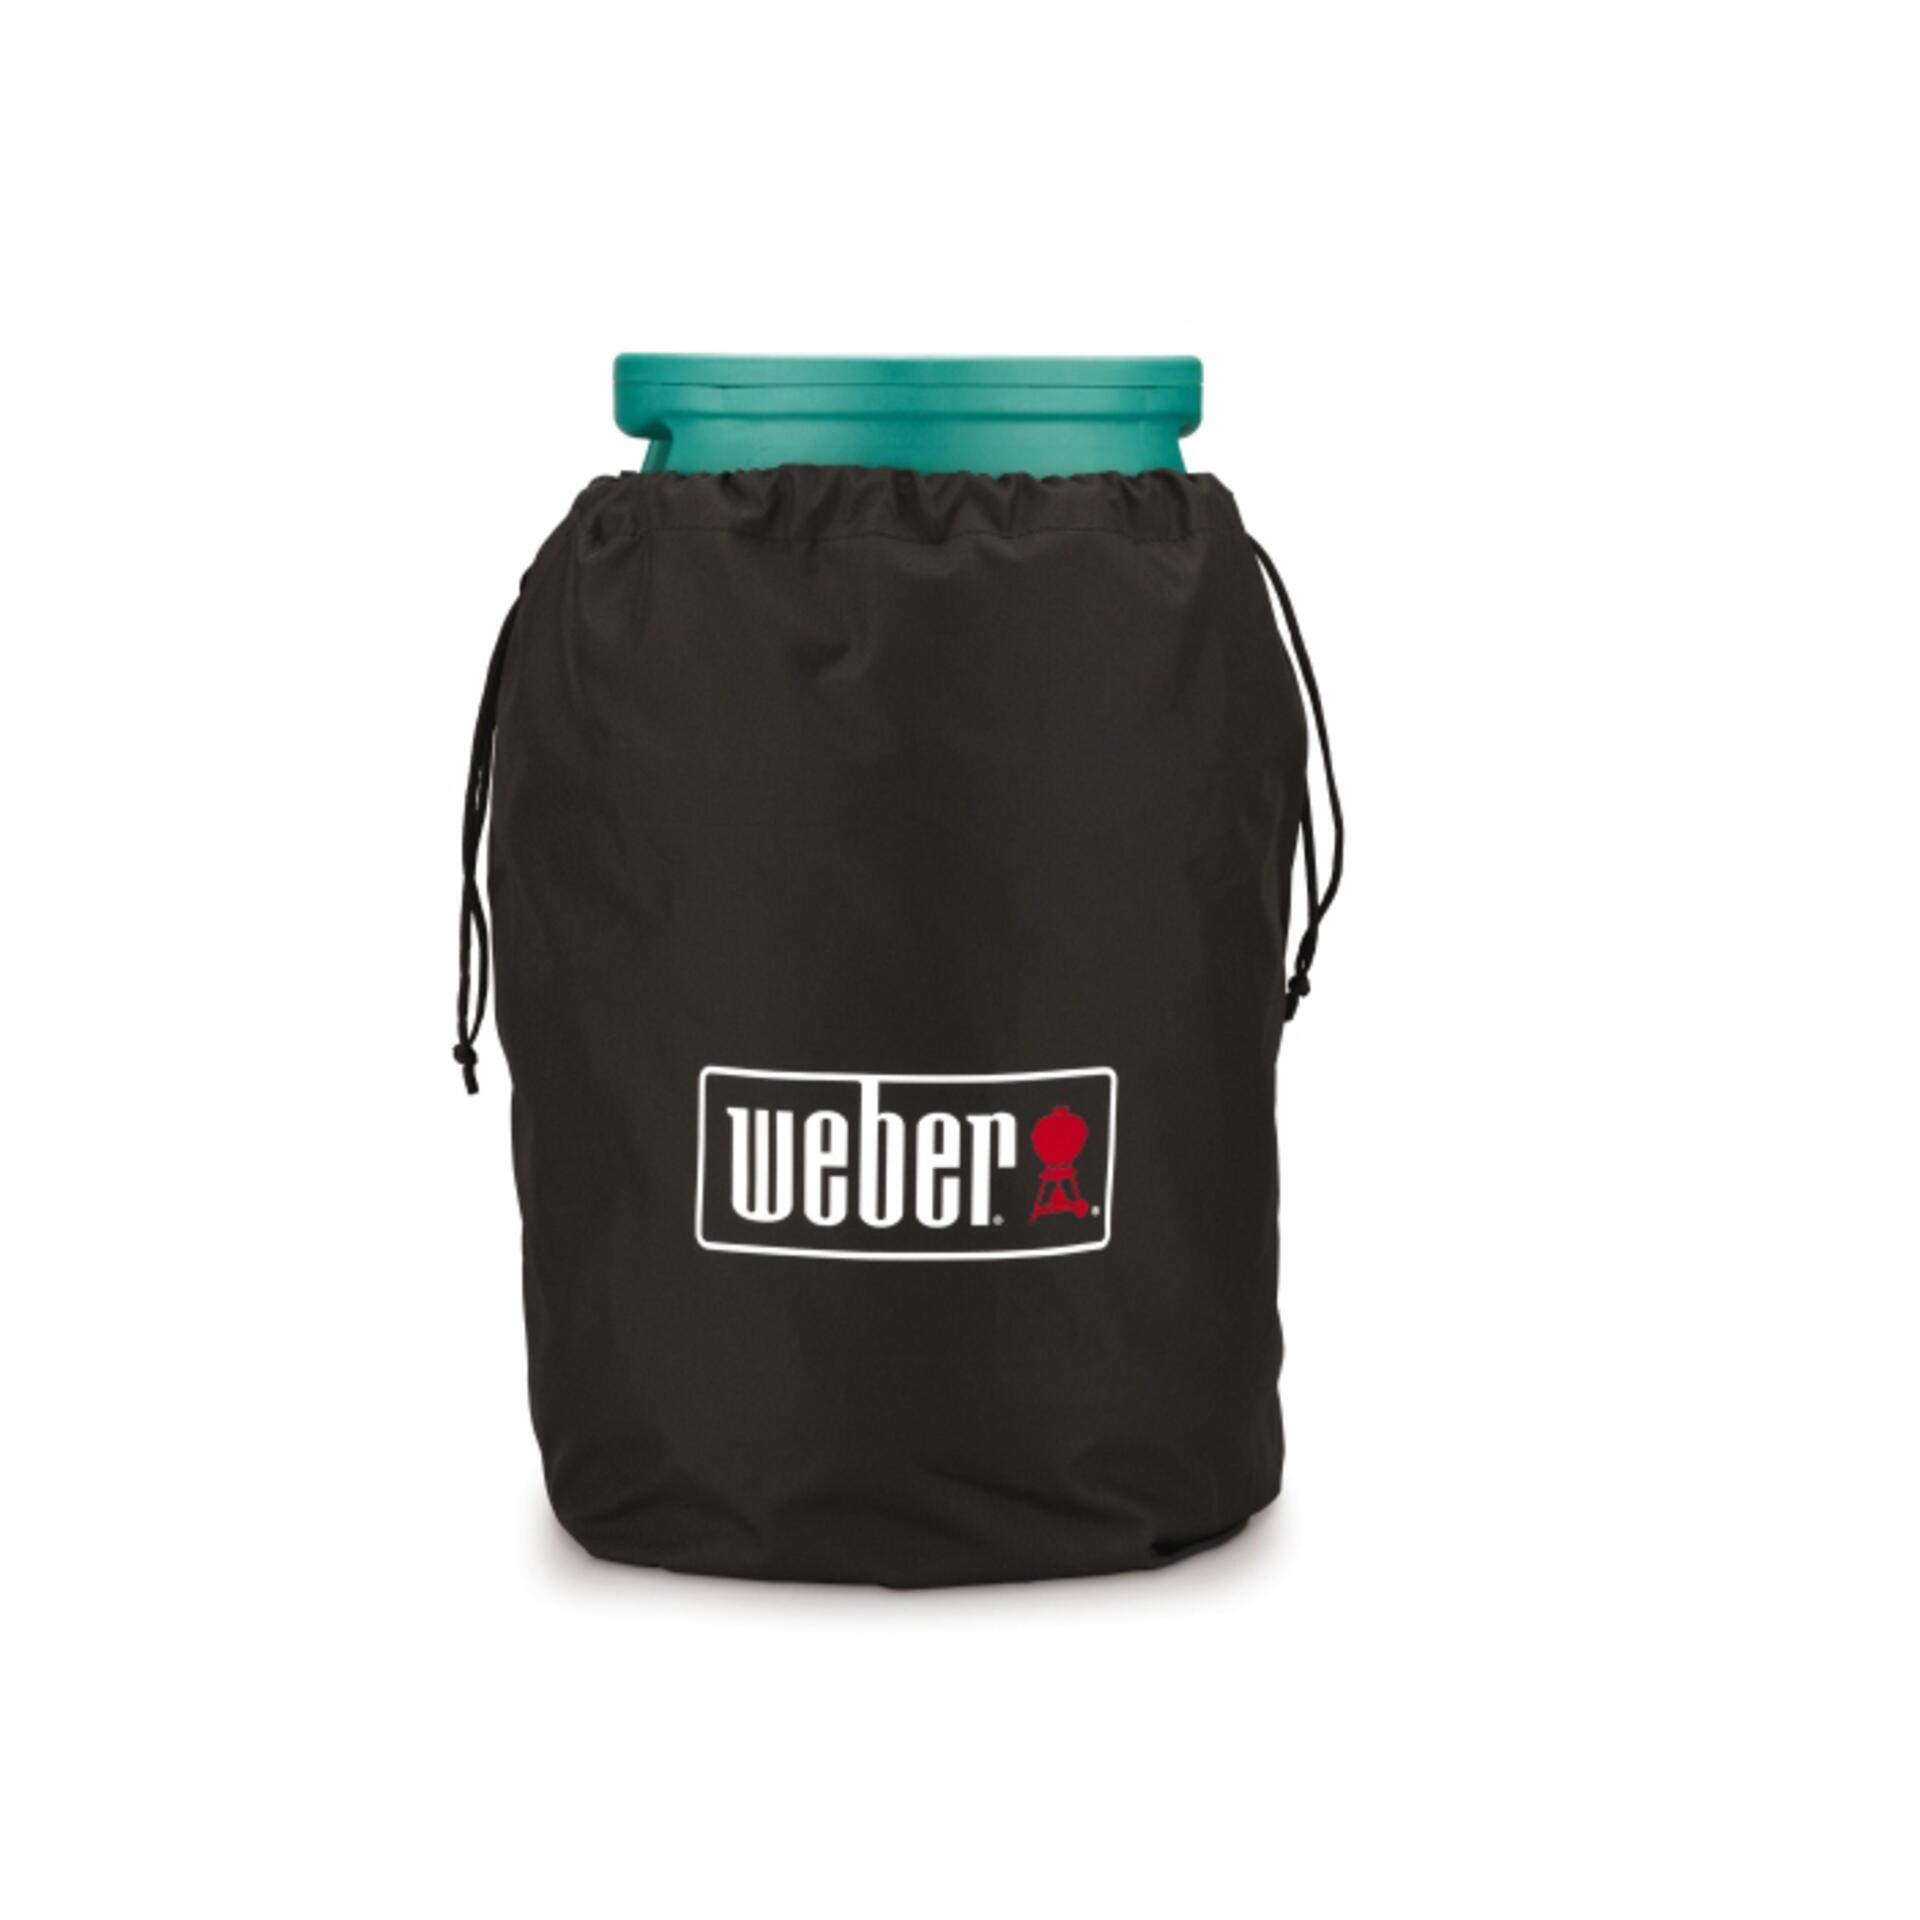 Weber Gasflaschenschutzhülle (für 11 Kg Flasche) 7126